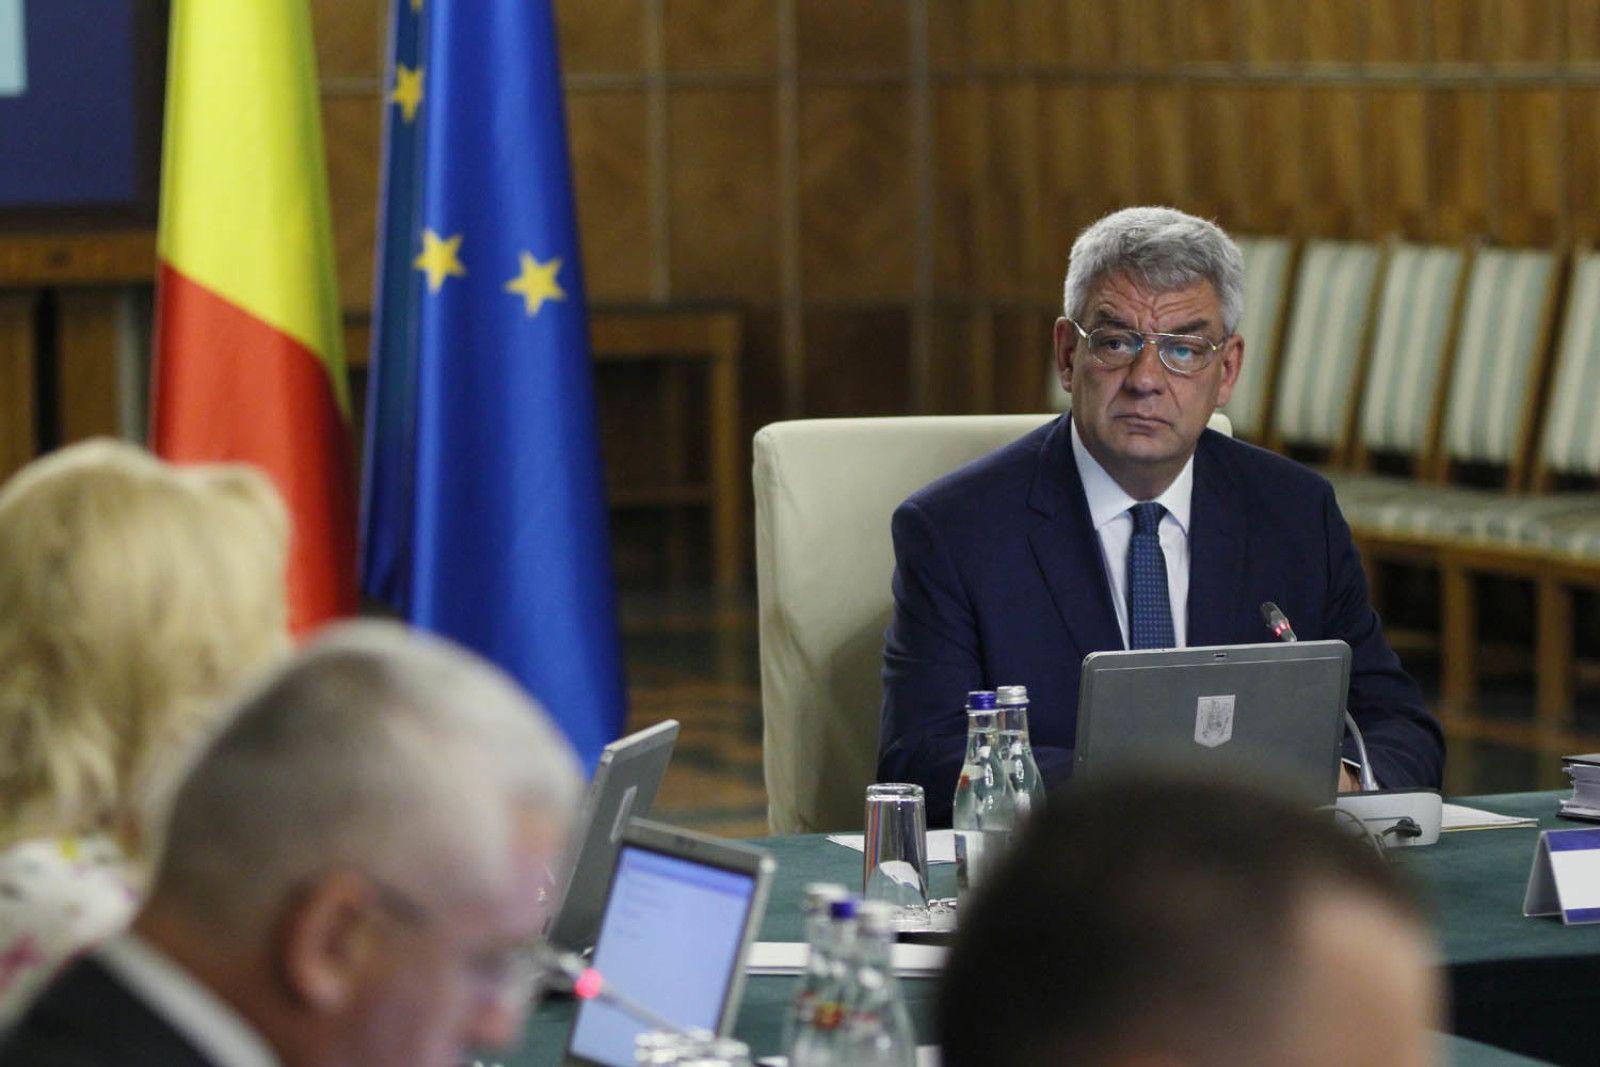 Ordonanța de Urgență a Guvernului Tudose a fost aprobată săptămâna trecută